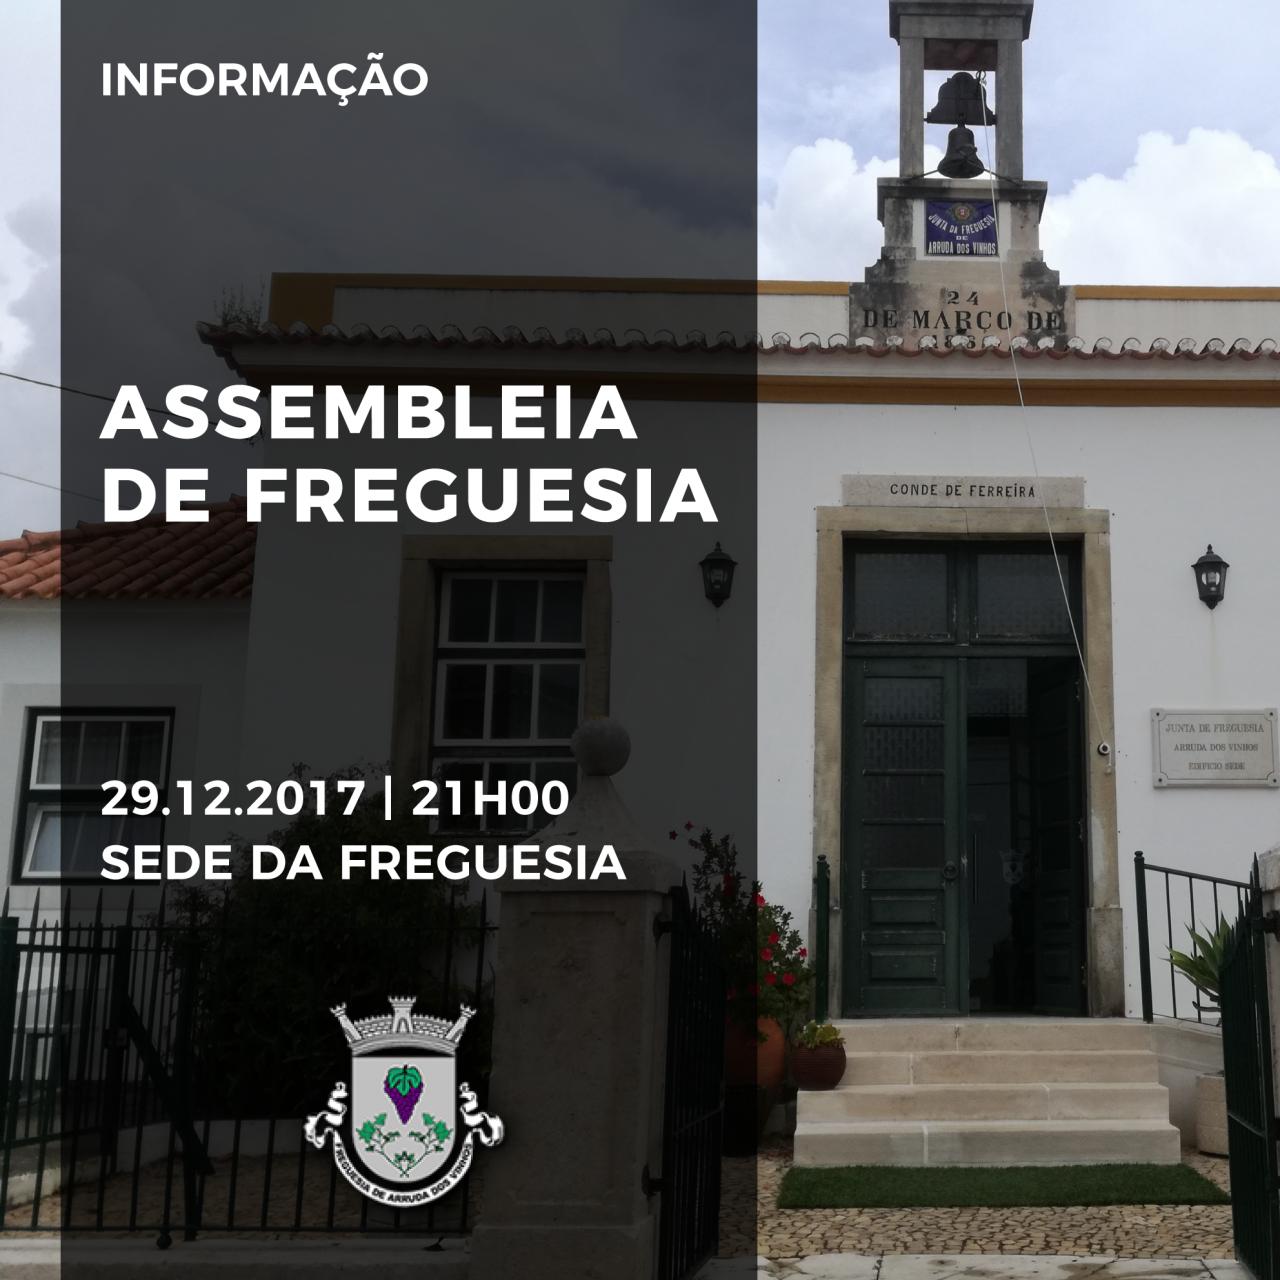 Convocada Reunião da Assembleia de Freguesia